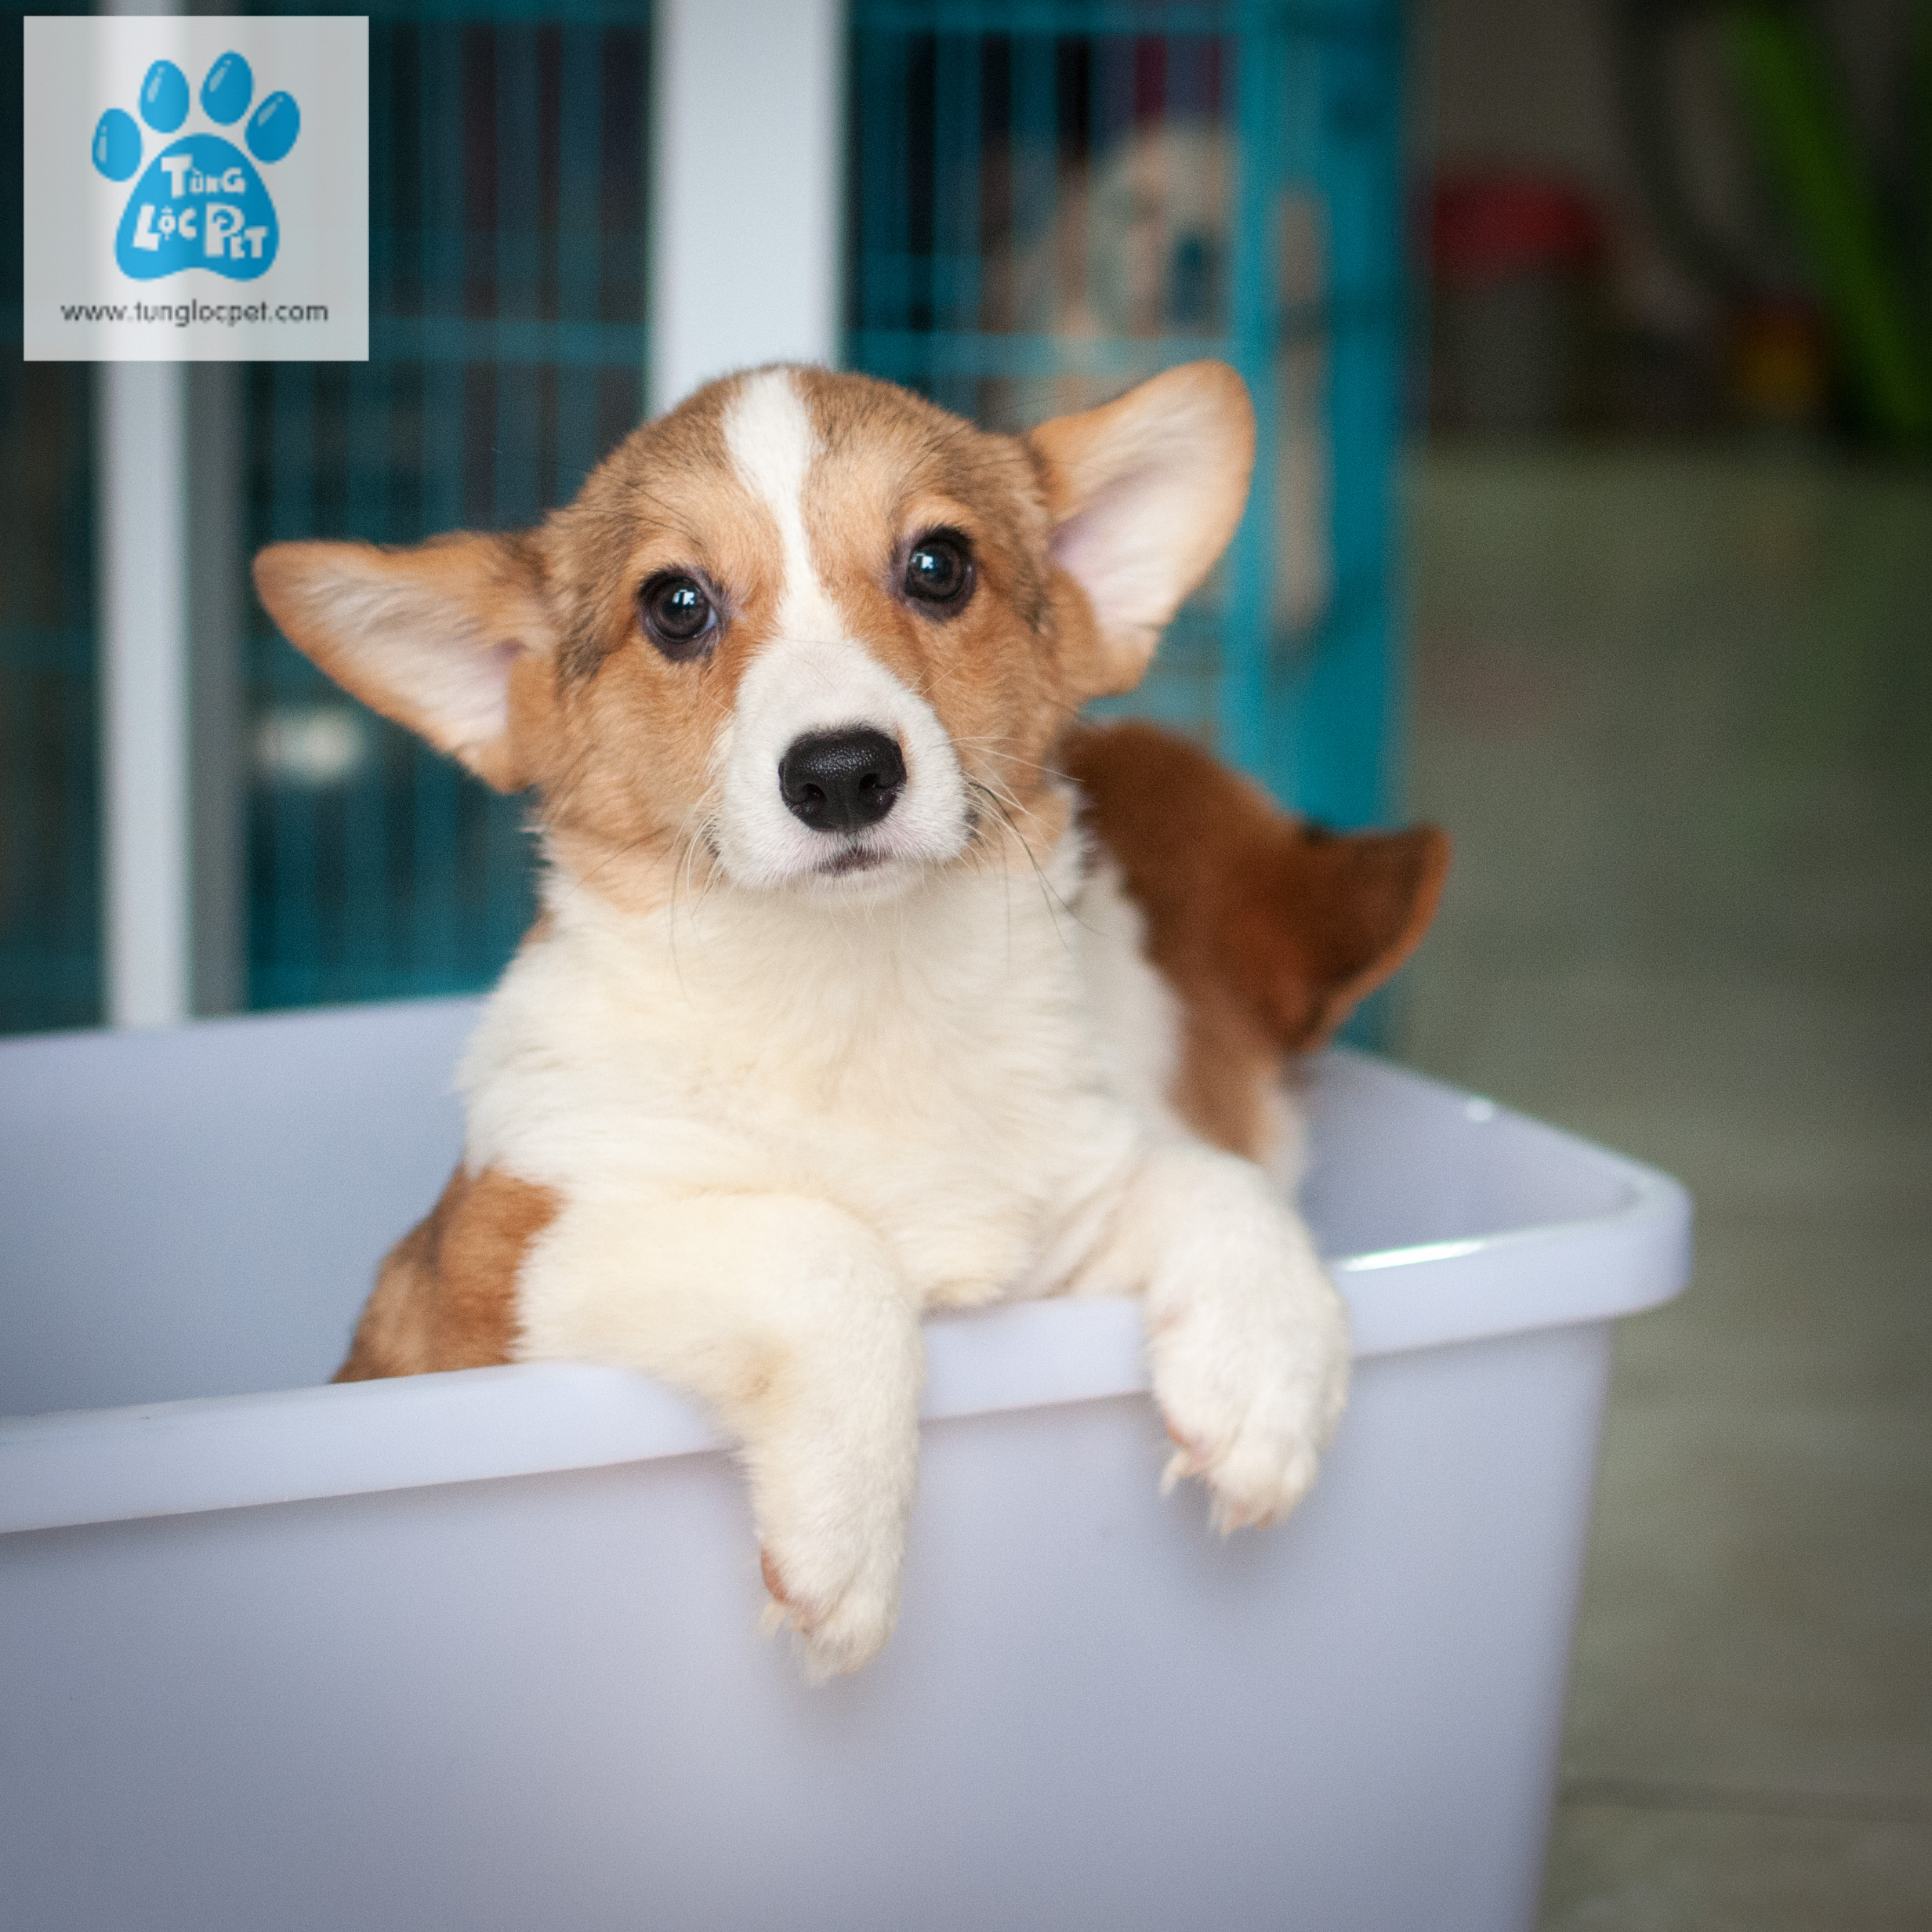 Tùng Lộc Pet – Chào bán bé chó Pembroke Welsh Corgi cuối cùng trong đàn tháng 04/2017